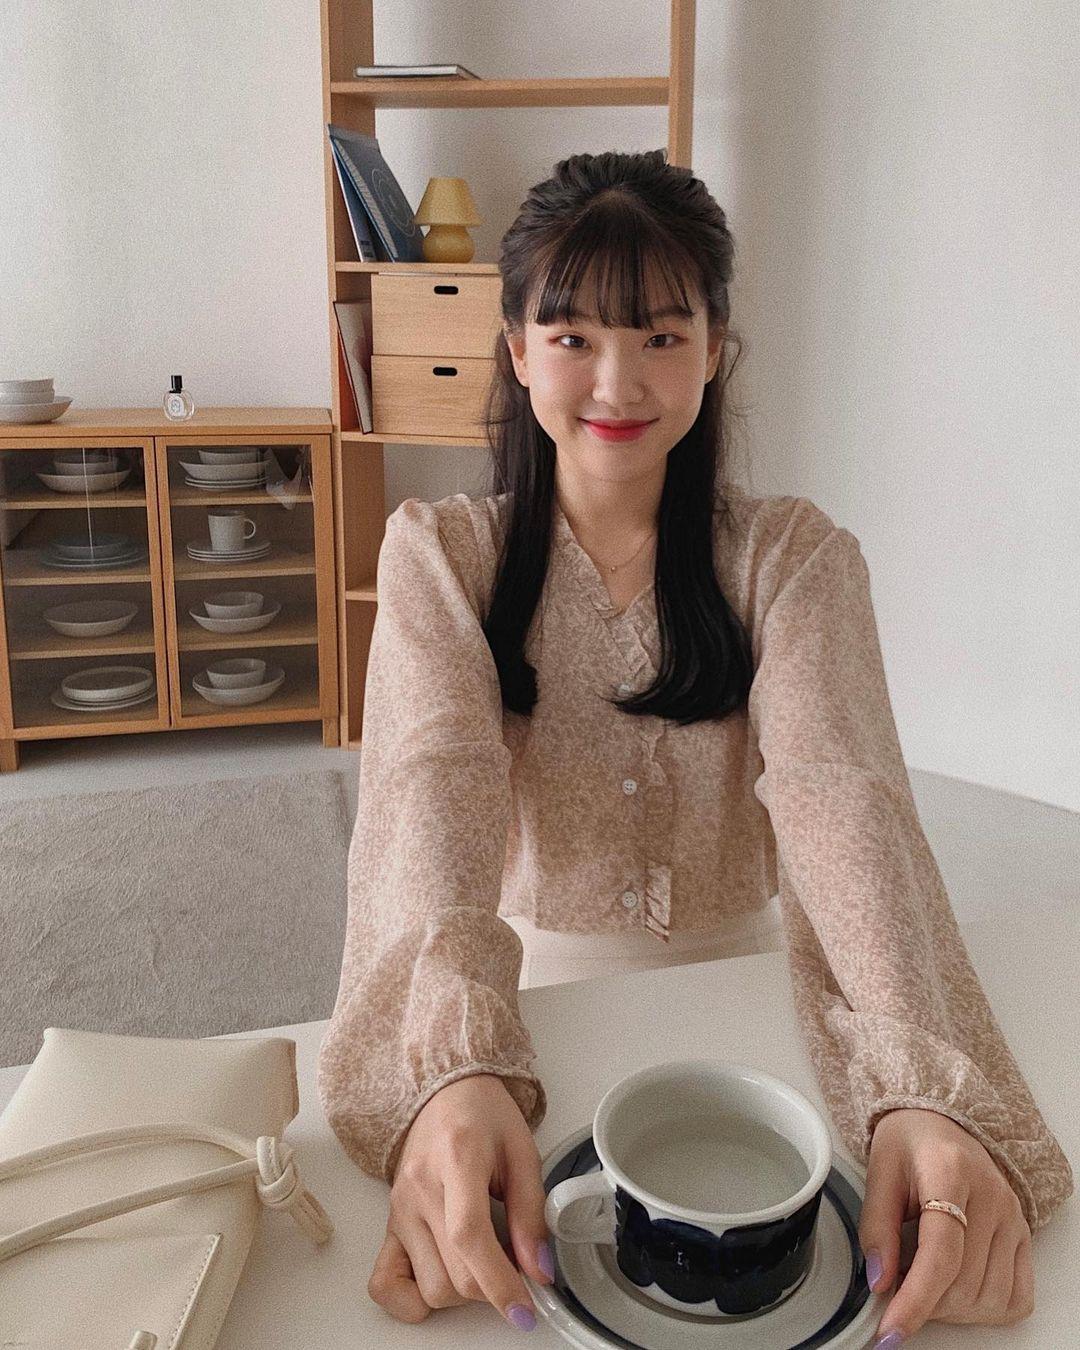 Tủ đồ mùa của hội gái Hàn sành điệu luôn có đủ 10 item sau, bạn cứ học theo là ra cả loạt set đồ sành điệu - Ảnh 2.